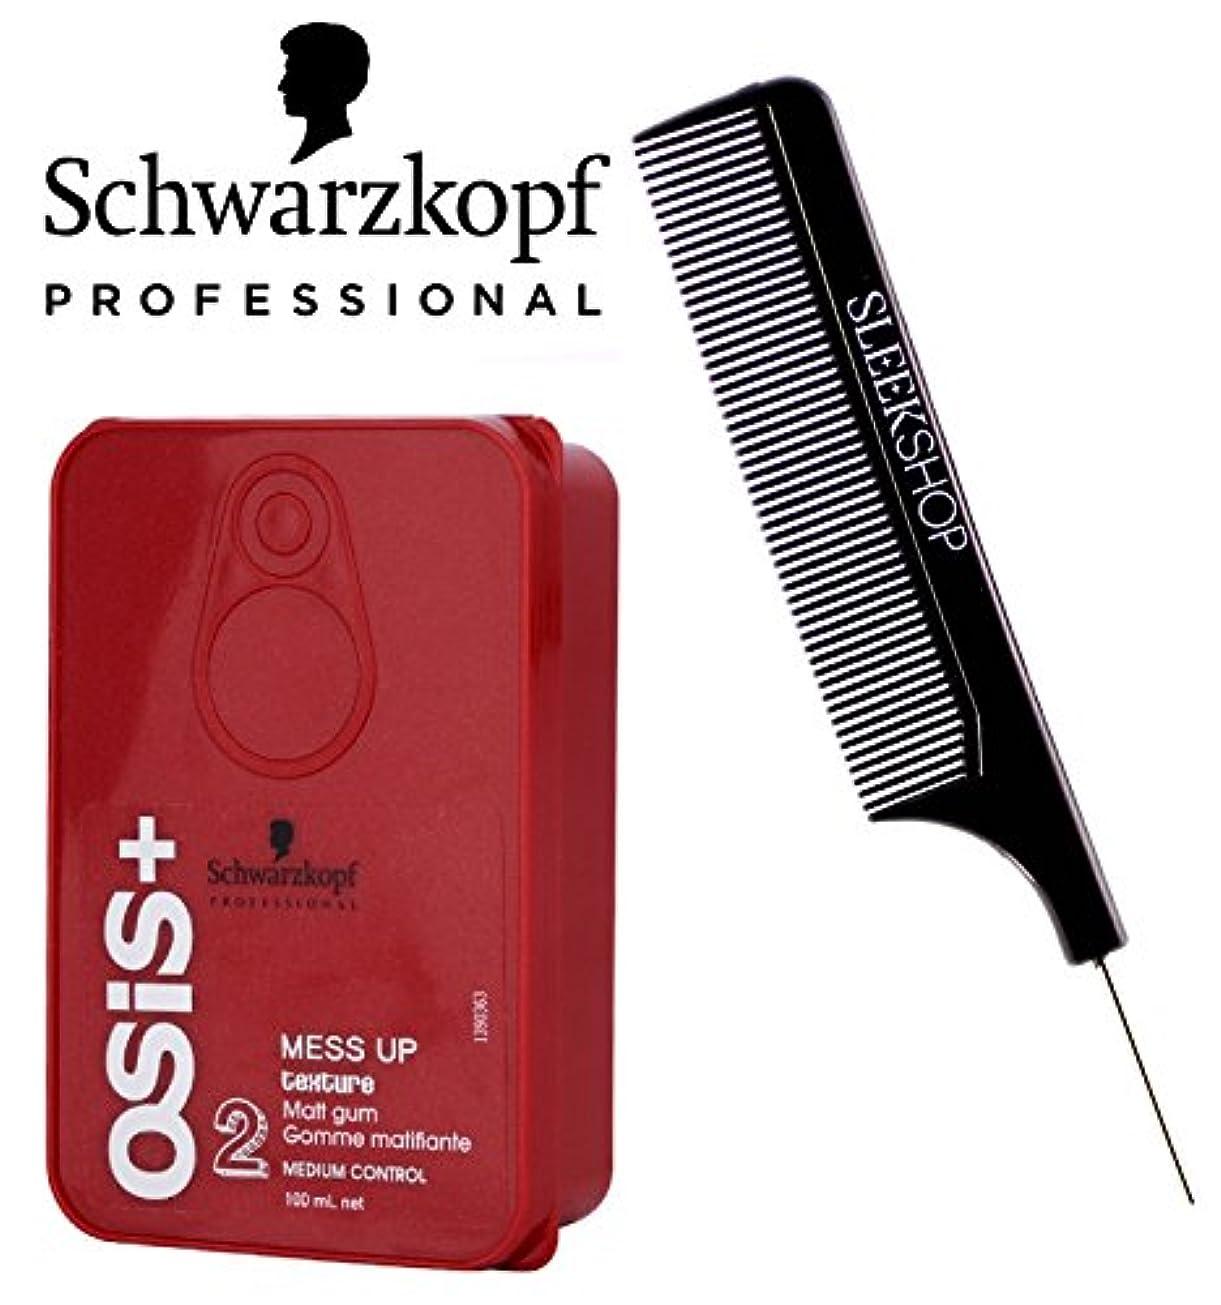 鳩許可簿記係Schwarzkopf OSIS + UP(なめらかなスチールピンテールくし付き)2マットペースト、MEDIUM CONTROL(3.38オンス/ 100ミリリットル)MESS 3.38オンス/ 100mlで